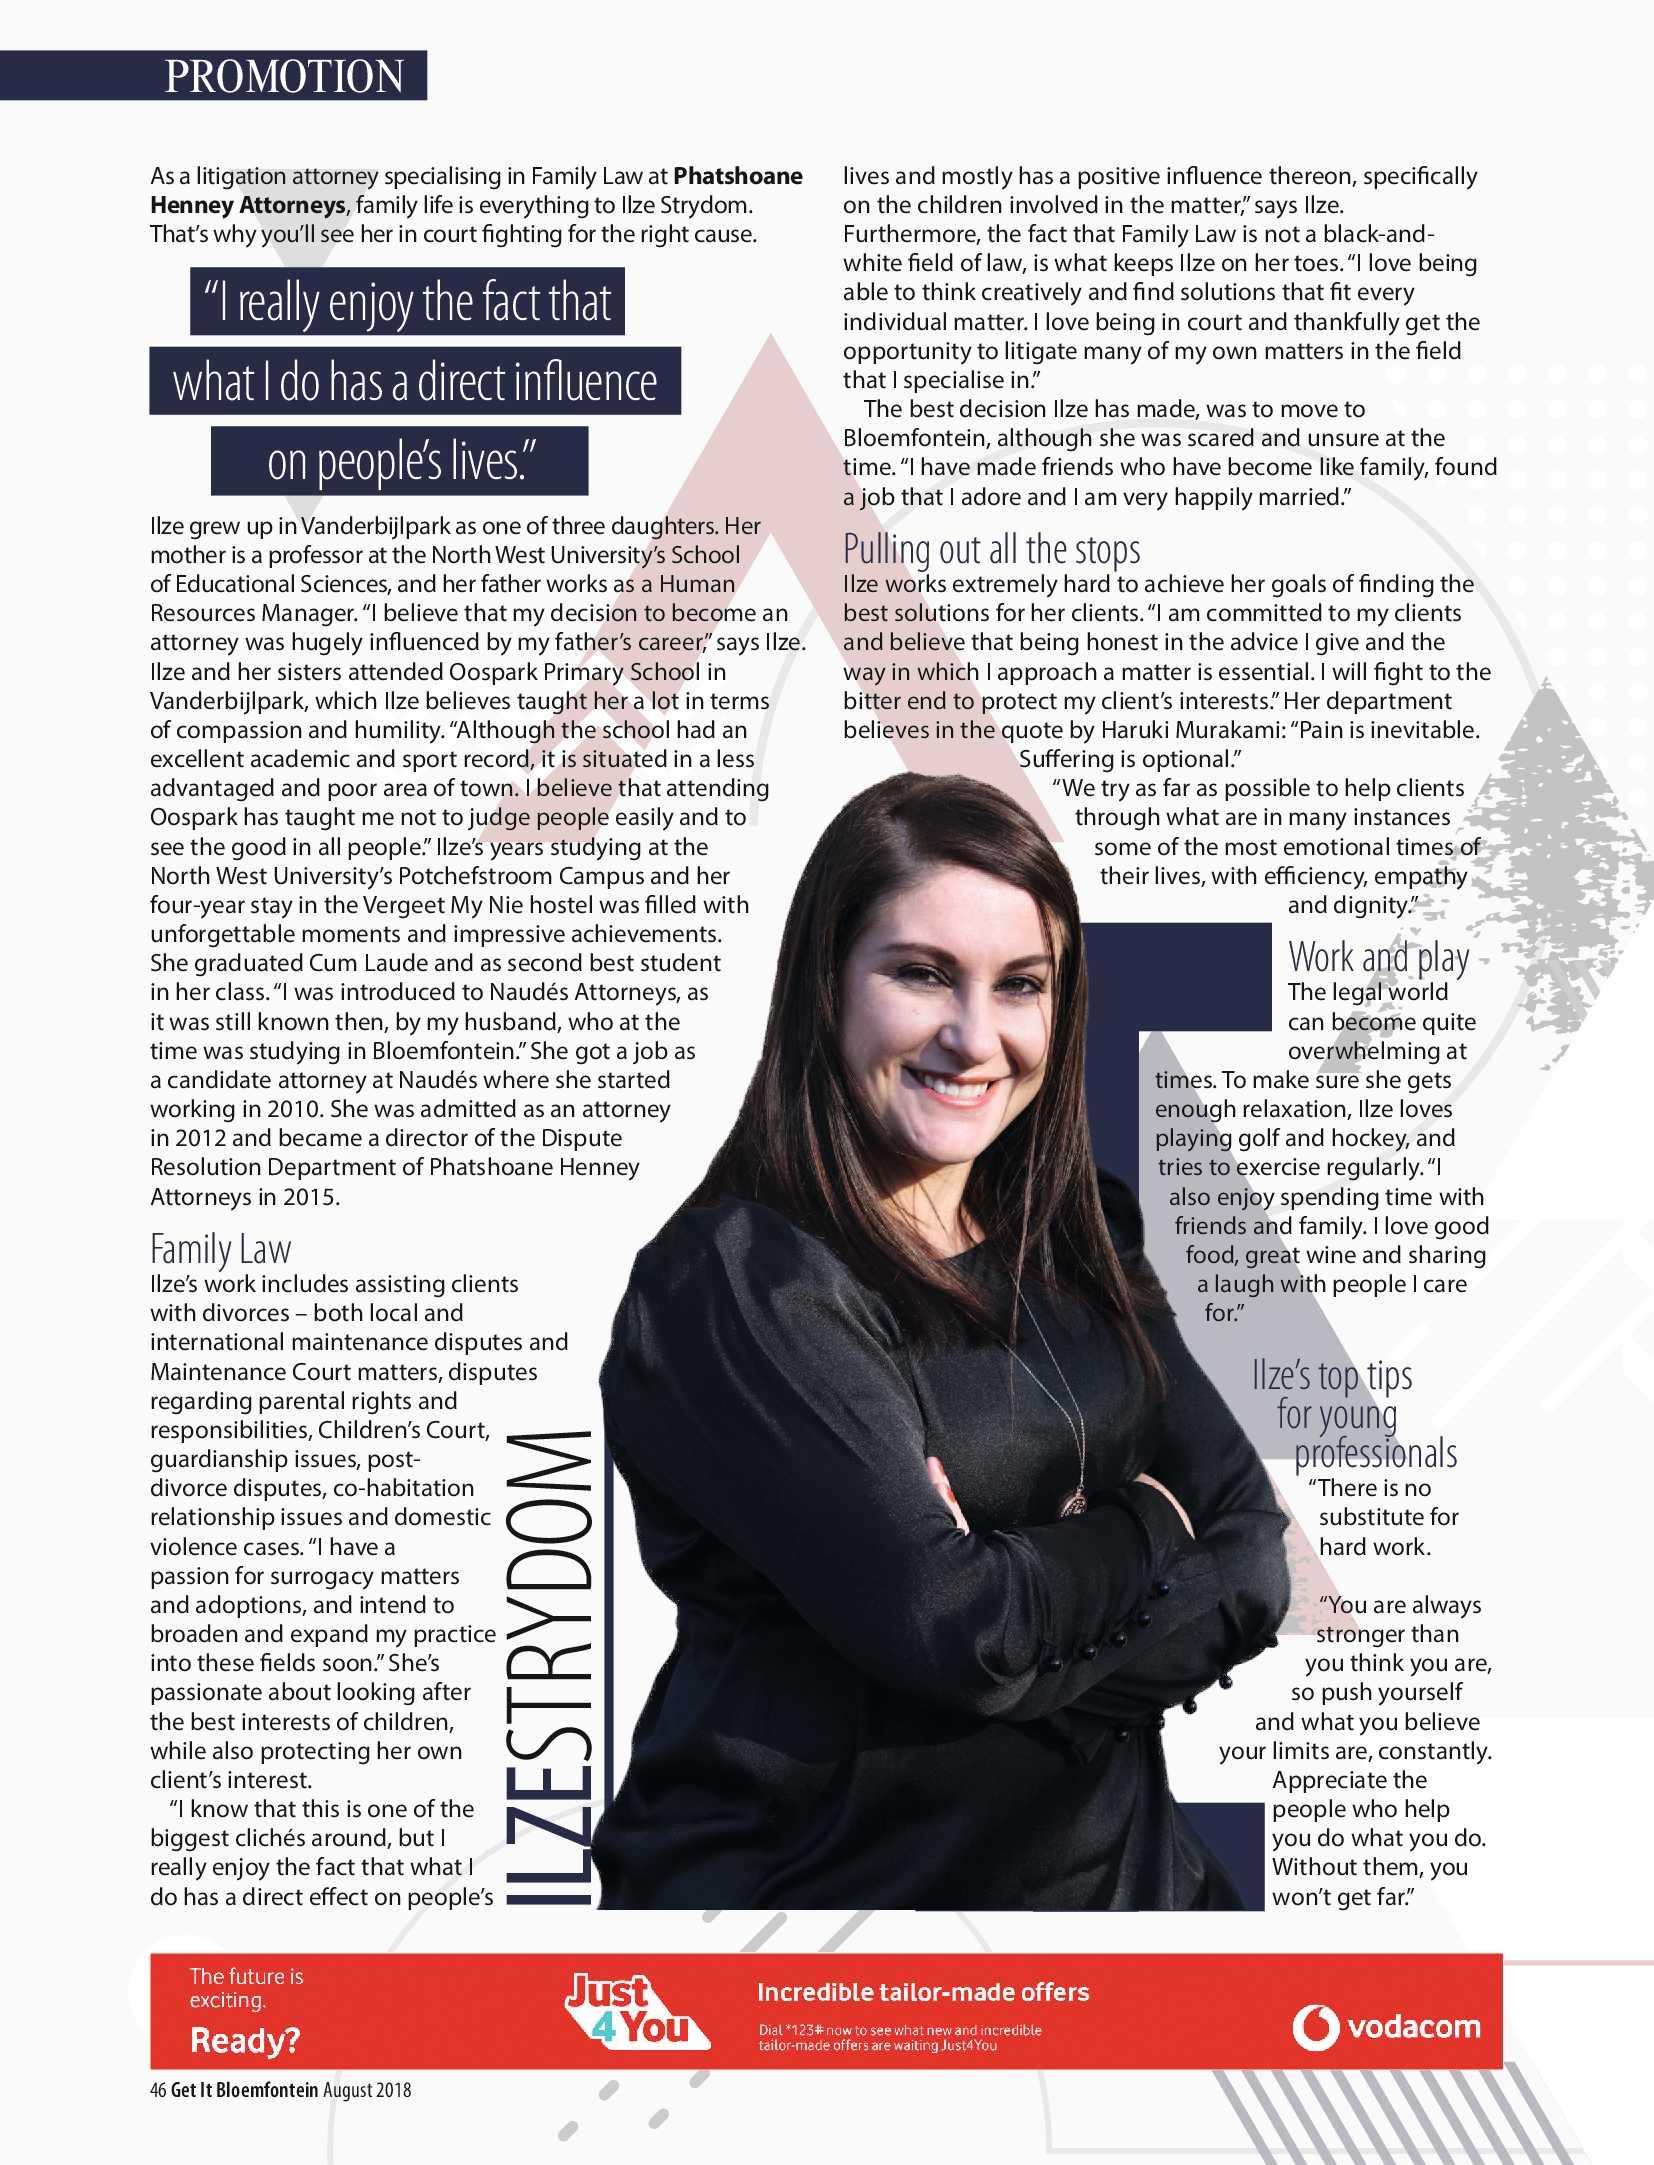 get-bloemfontein-august-2018-epapers-page-48